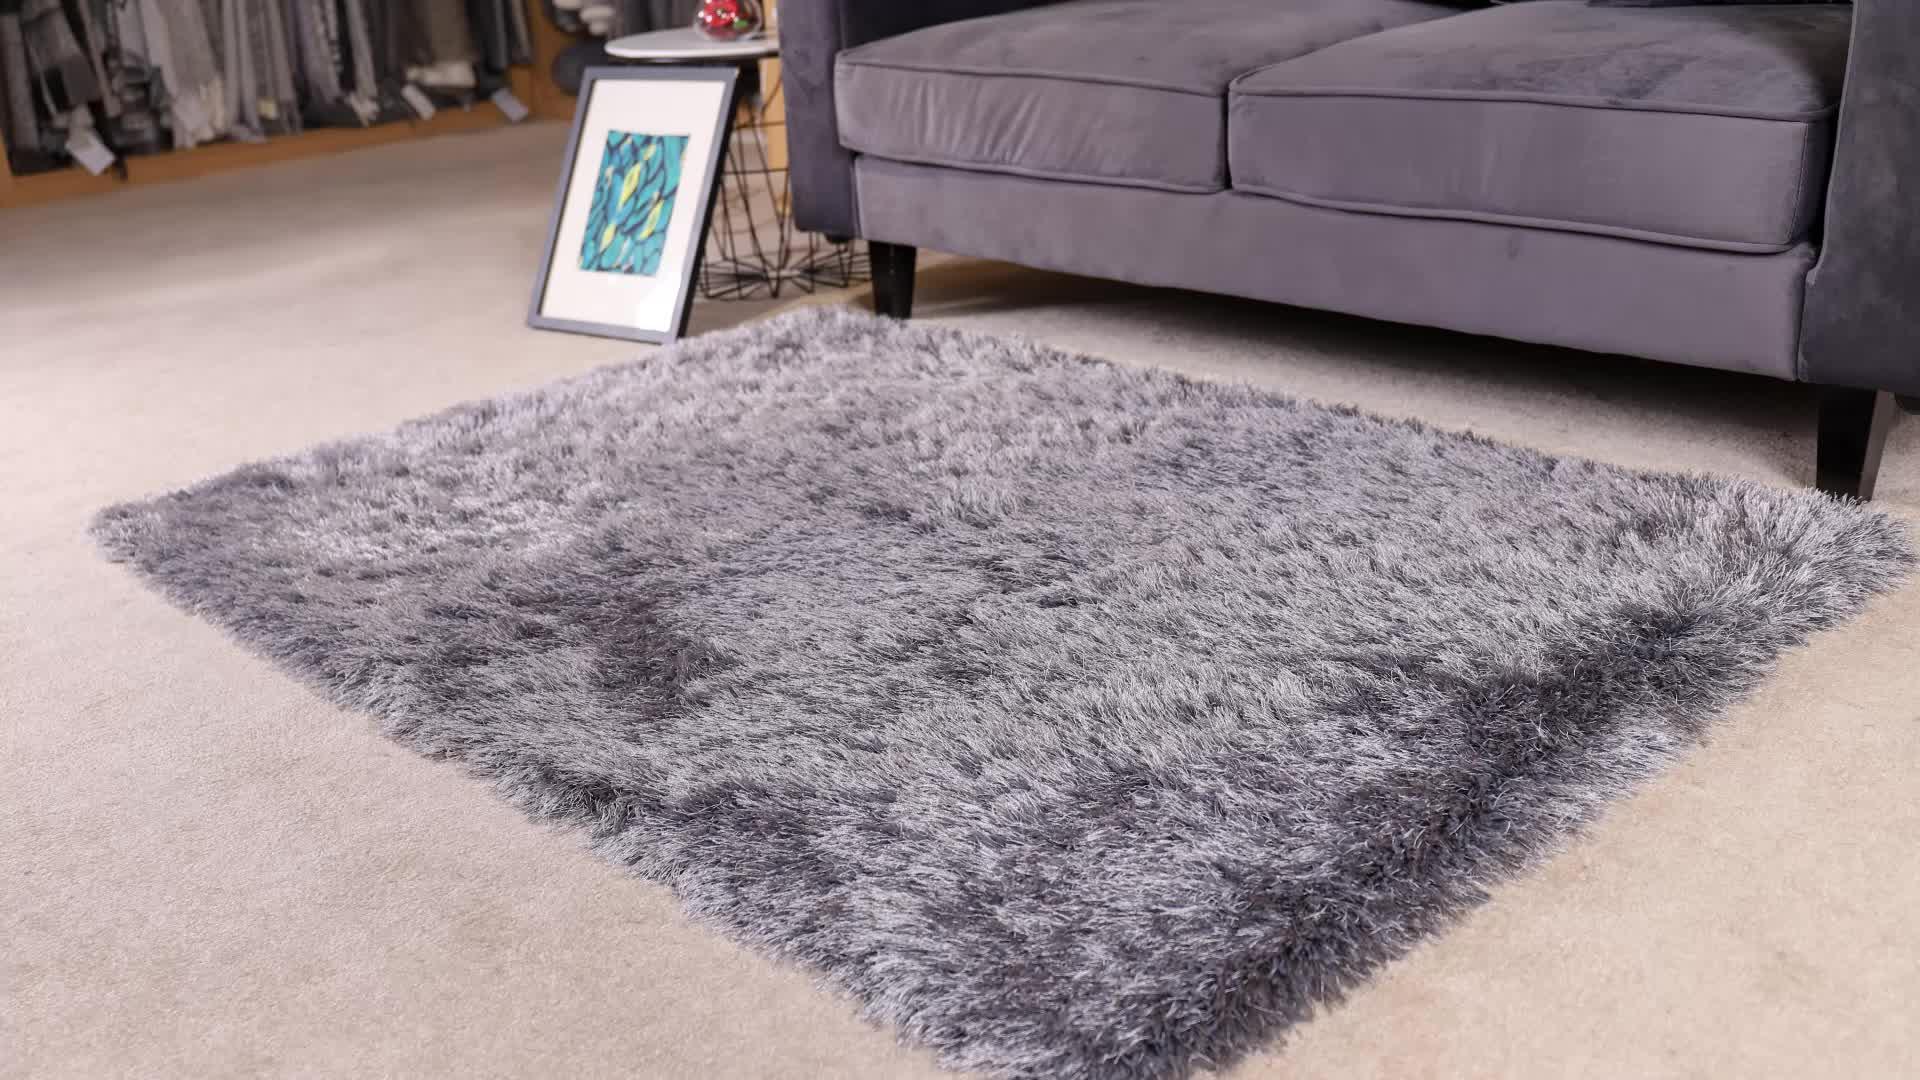 Pemasok Yang Baik Abu-abu Polyester Kontemporer Persegi Panjang 3D Shaggy Area Rug Karpet